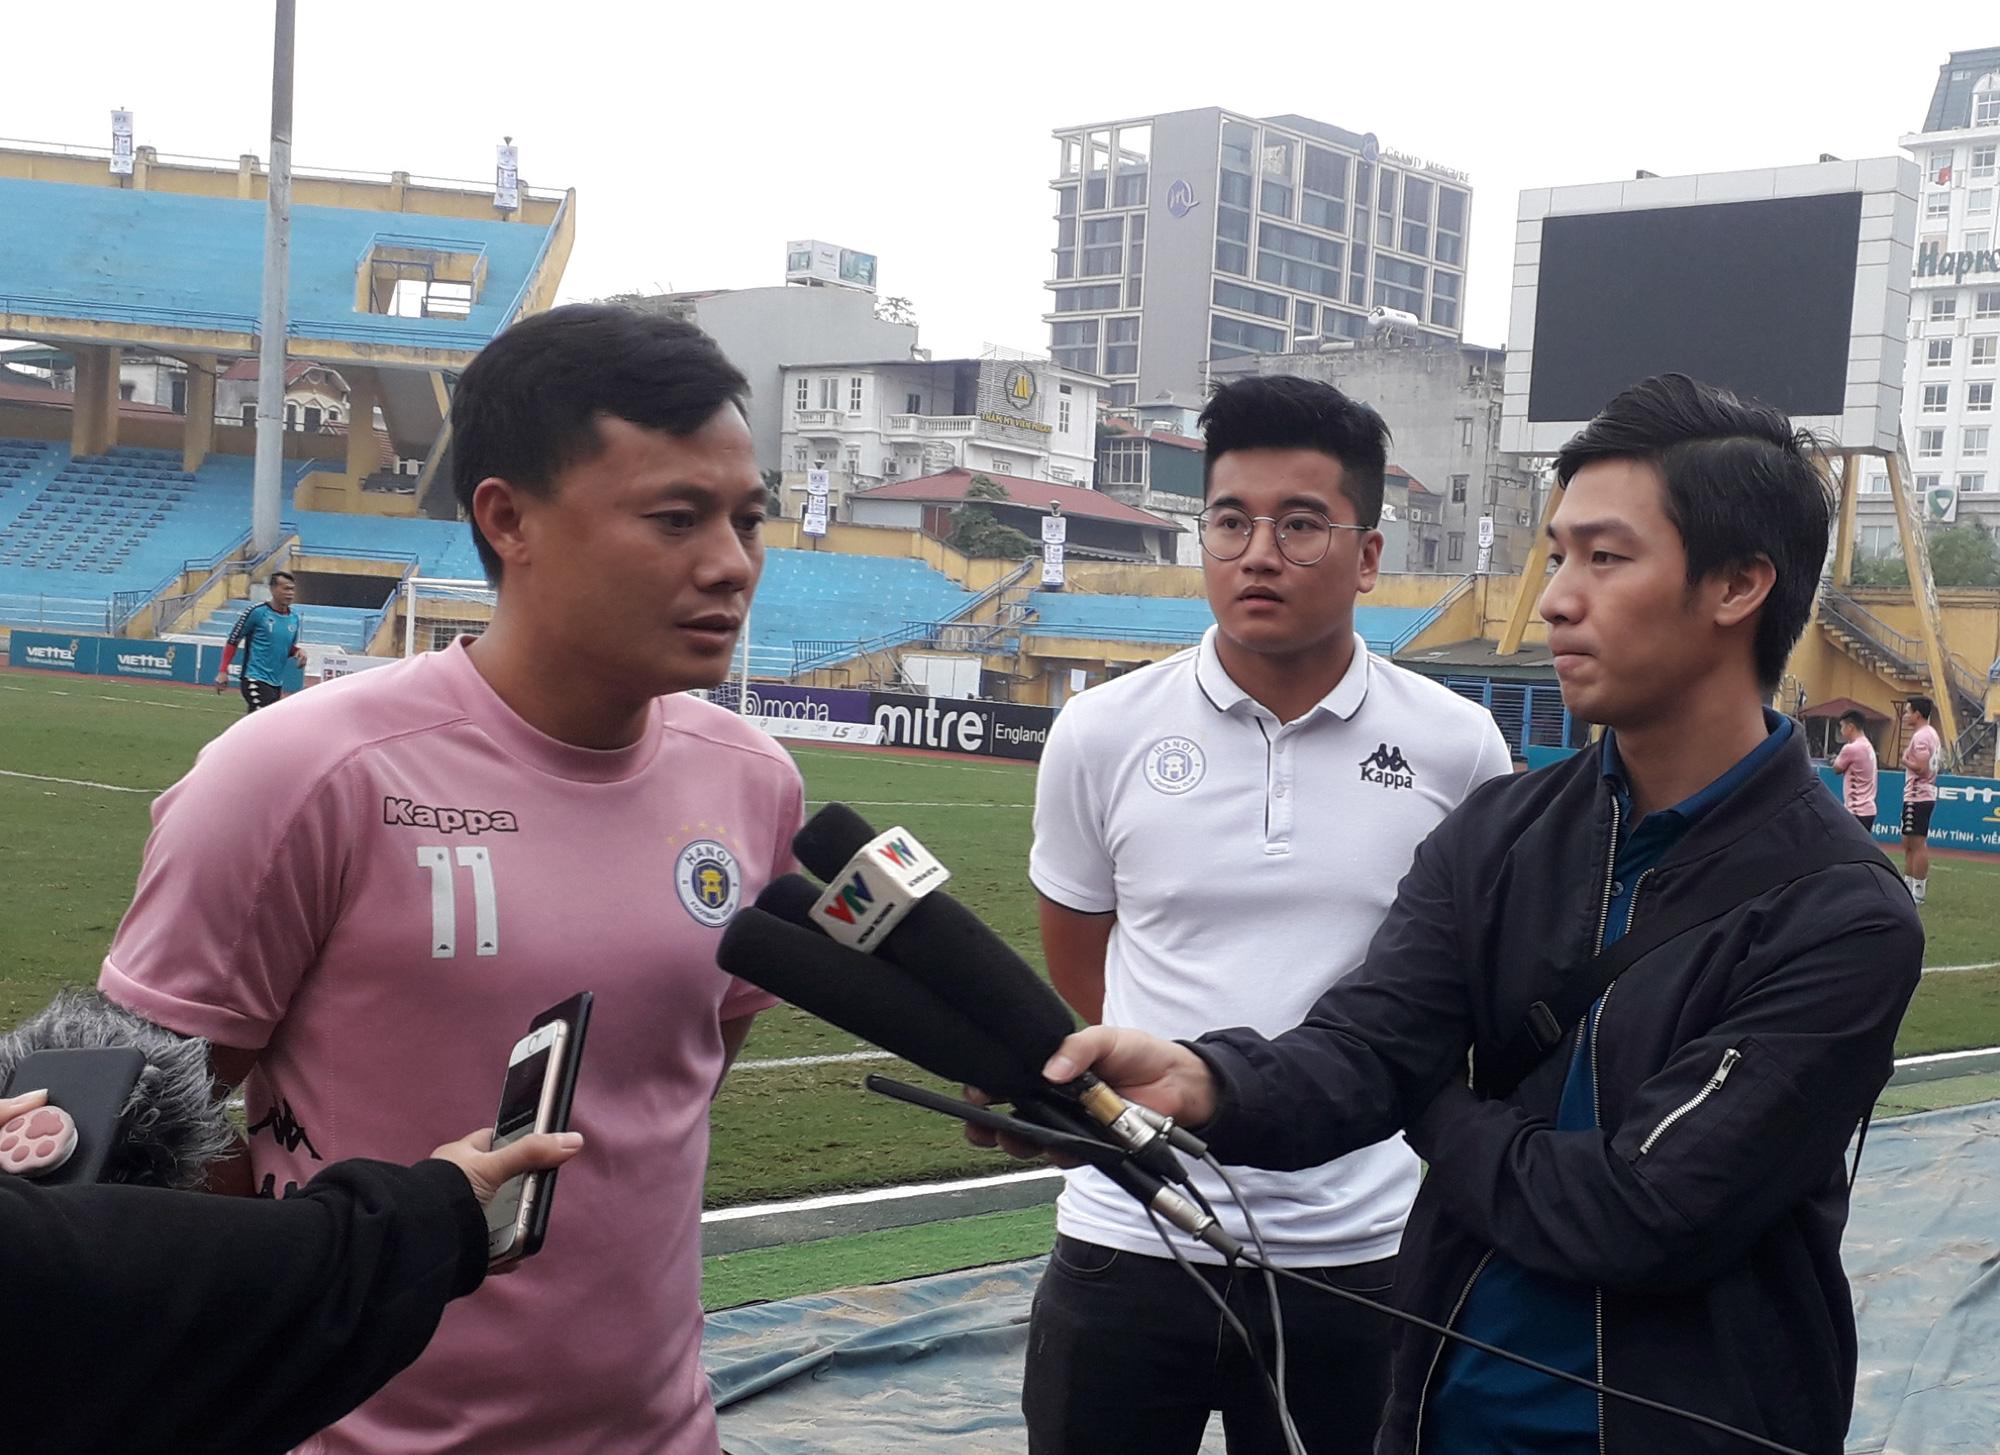 Tiền vệ Thành Lương cho rằng Hà Nôi FC đang có tâm lý thoải mái trước cuộc quyết đấu Viettel FC. Ảnh: Song Minh